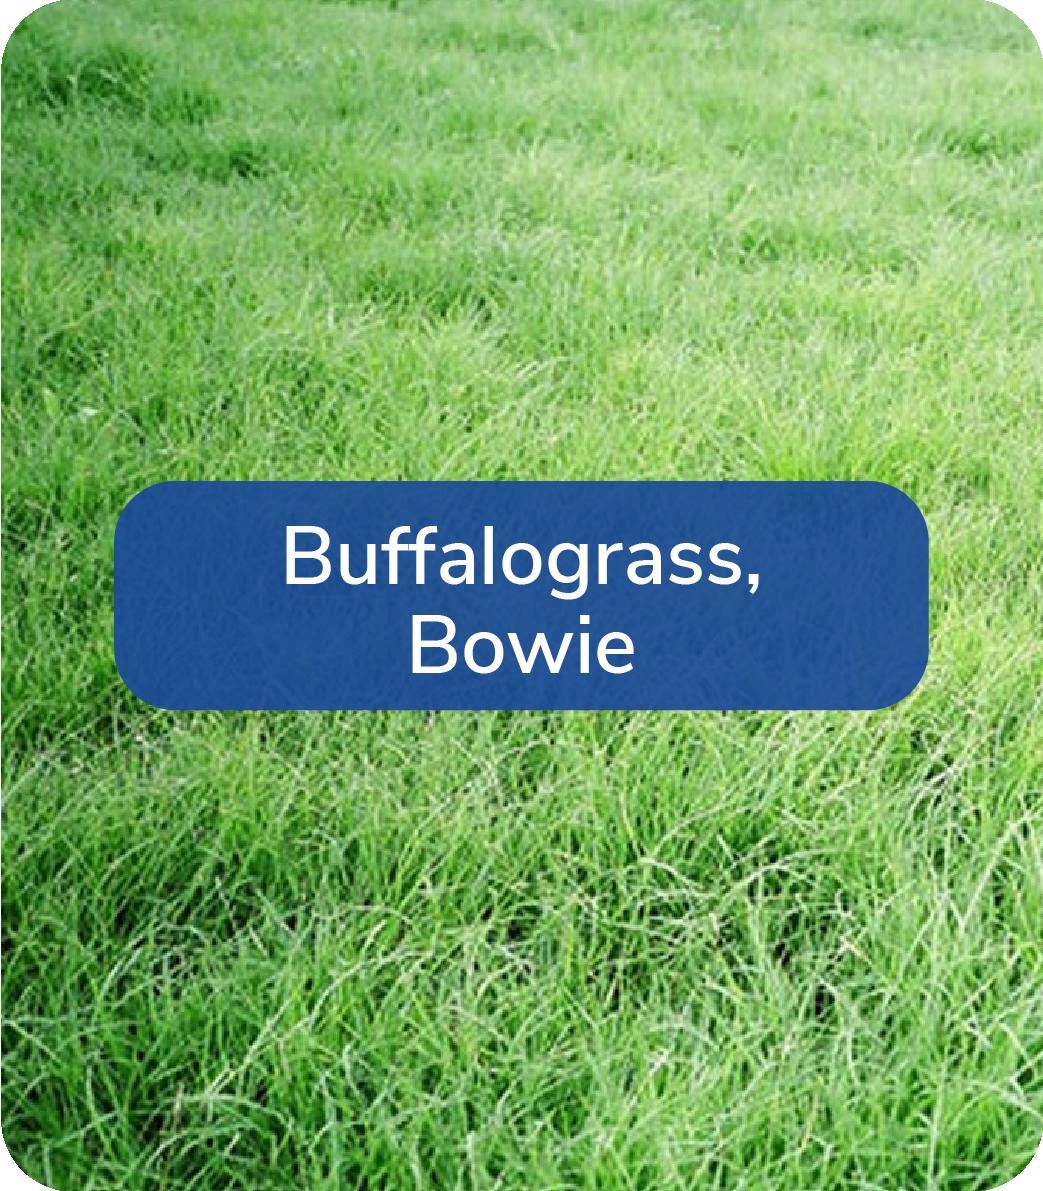 buffalograss bowie